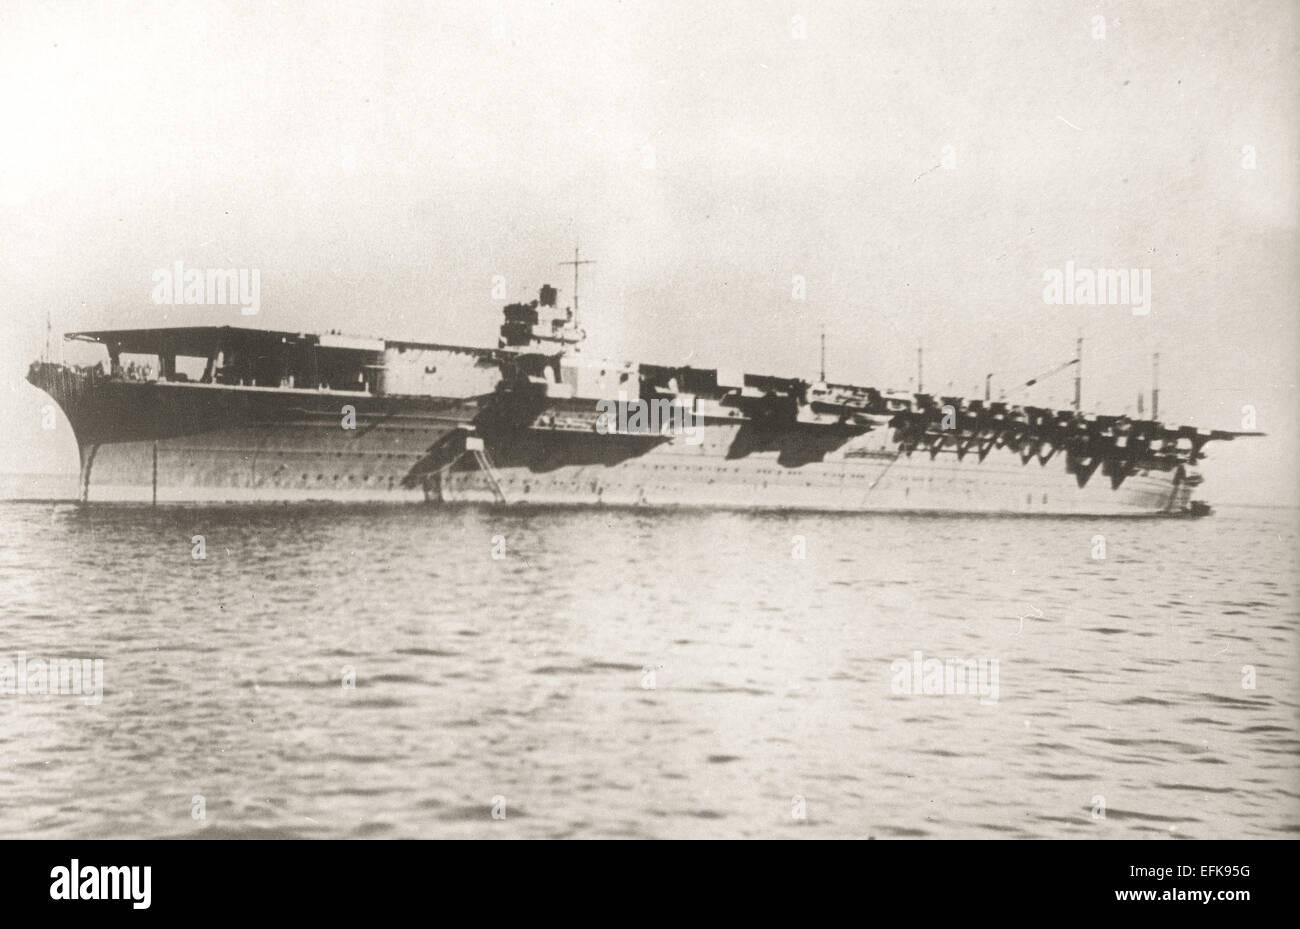 Zuikaku, uno dei 2 Shōkaku-class portaerei costruito per l'Imperial marina giapponese ha completato nel 1941 e in grado di trasportare 70-80 aeromobili. Parte del giapponese carrier 5a Divisione, ha preso parte all'attacco di Pearl Harbor e numerosi altri prima di essere affondato da un attacco aereo nella battaglia di Leyte Golfo il 25 ottobre 1944. Foto Stock